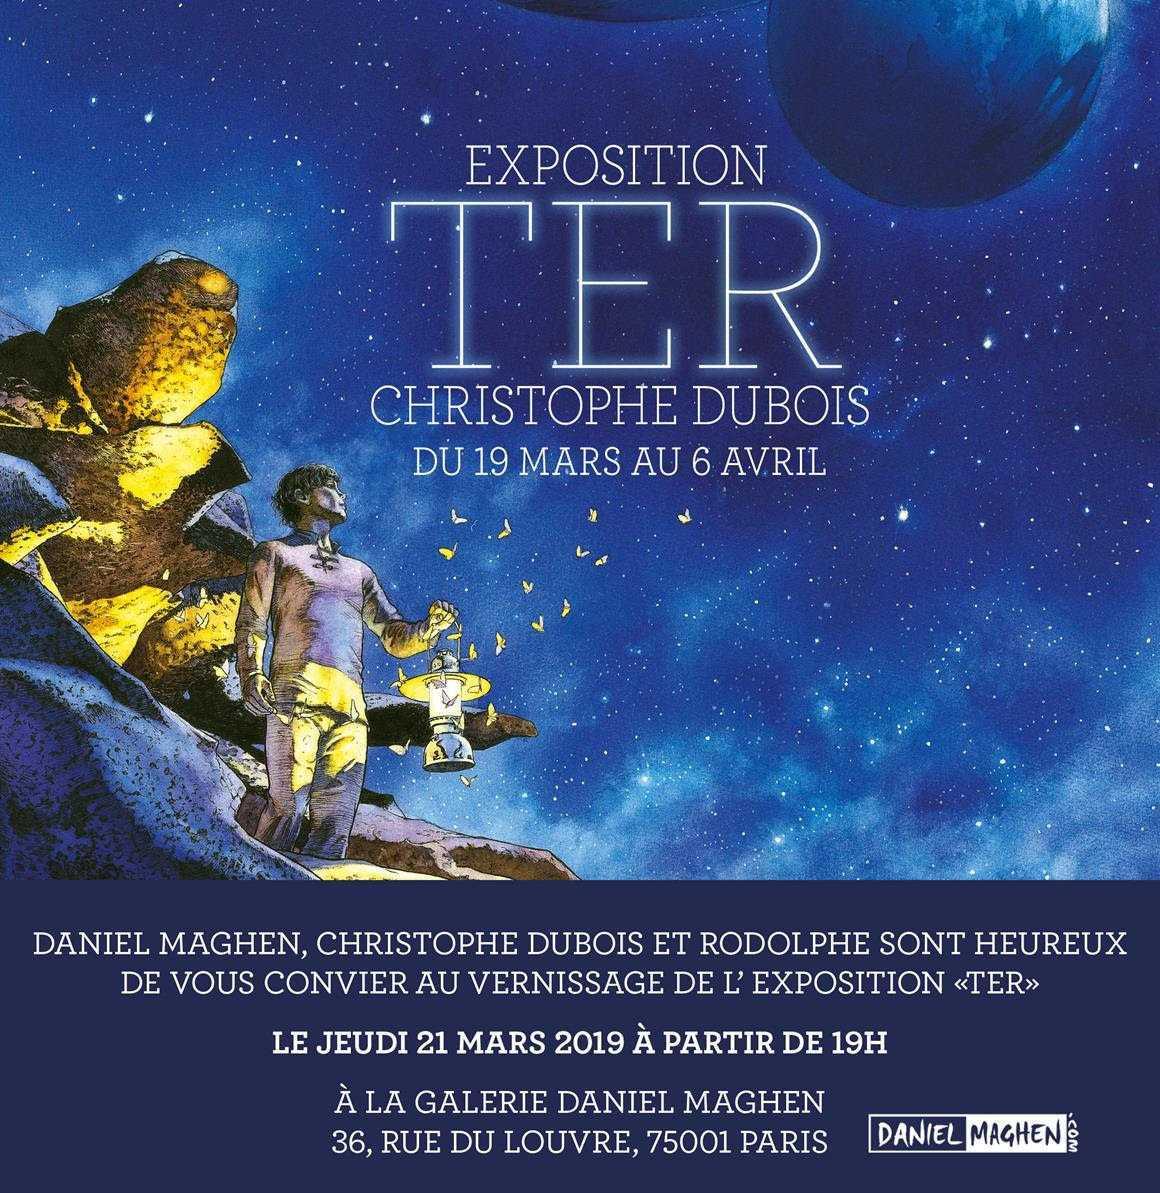 Pour TER 3, Christophe Dubois s'expose chez Maghen jusqu'au 6 avril 2019